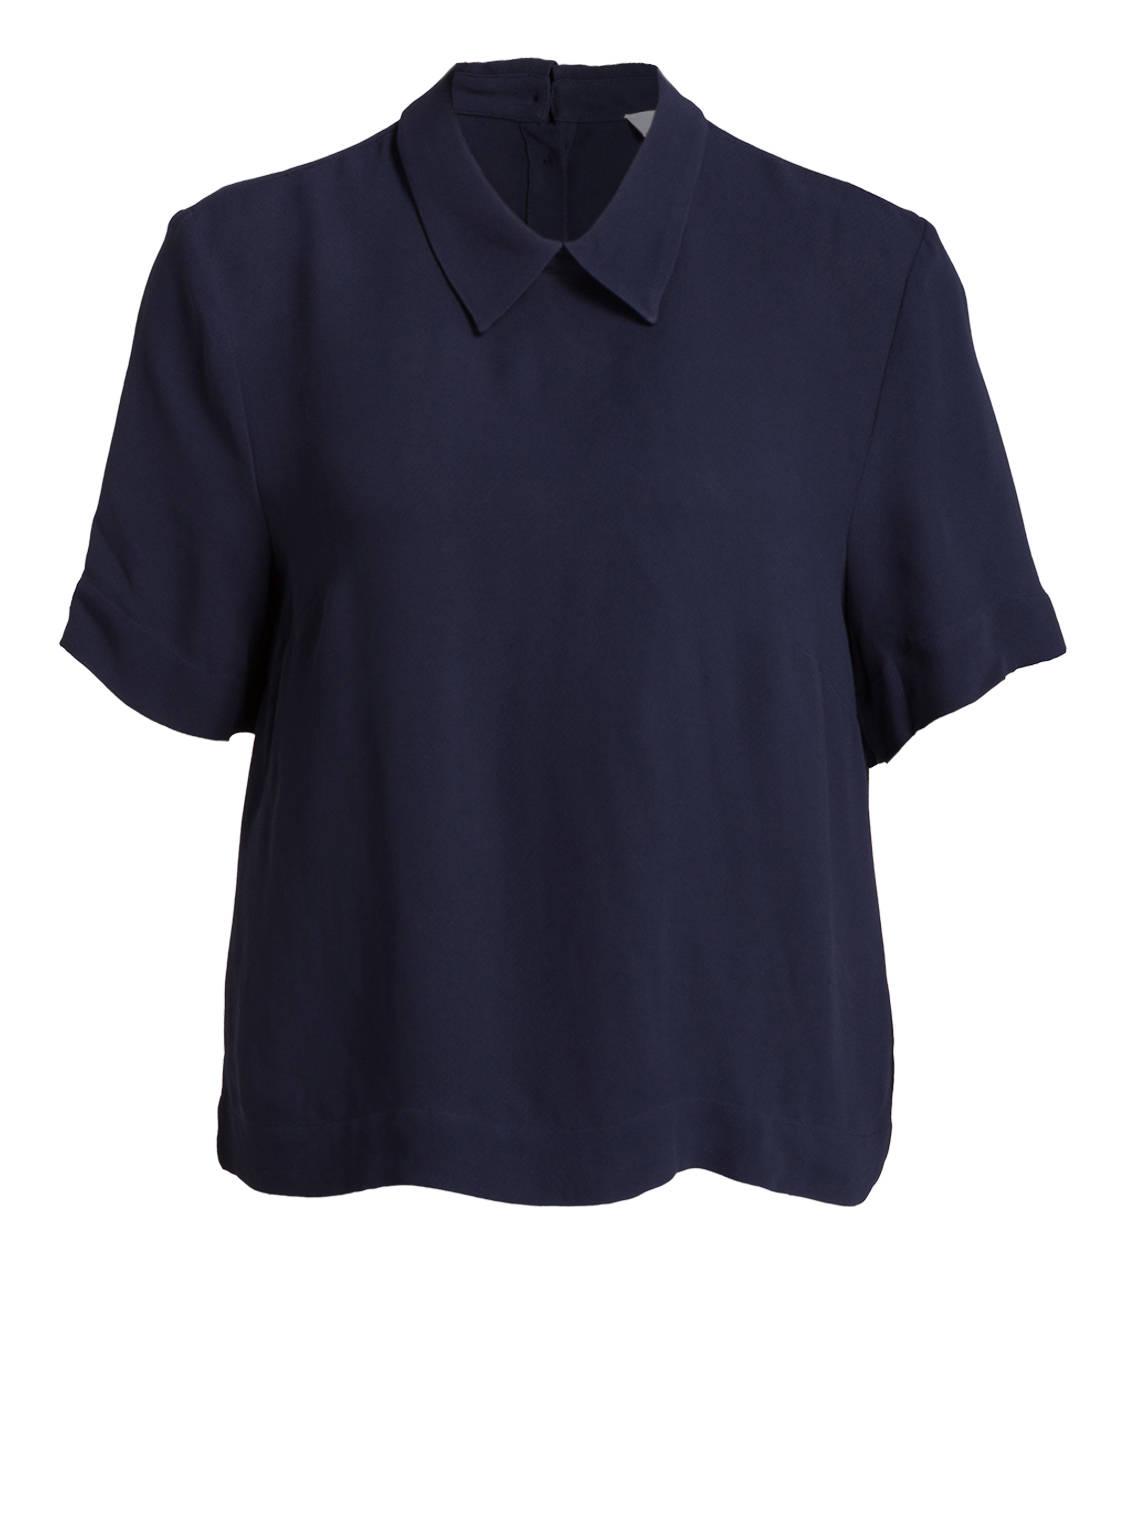 Artikel klicken und genauer betrachten! - Mit der zarten Bluse BINE von 2 NDDAY setzen Sie sowohl feminine, als auch klassische Akzente. Durch eine klare Linie sowie einen luftig-leichten Material-Mix ist Ihnen ein unbeschwertes Tragegefühl garantiert. Kombinieren Sie diese klassische Bluse zur Jeans, et voilà! Details: Gerader Schnitt. Umlegekragen. Verkürzte Ärmel. Verdeckte Knopfleiste auf der Rückseite. Weiche Haptik. Maße bei Größe 36: Rückenlänge ab Schulter: 58 cm. | im Online Shop kaufen